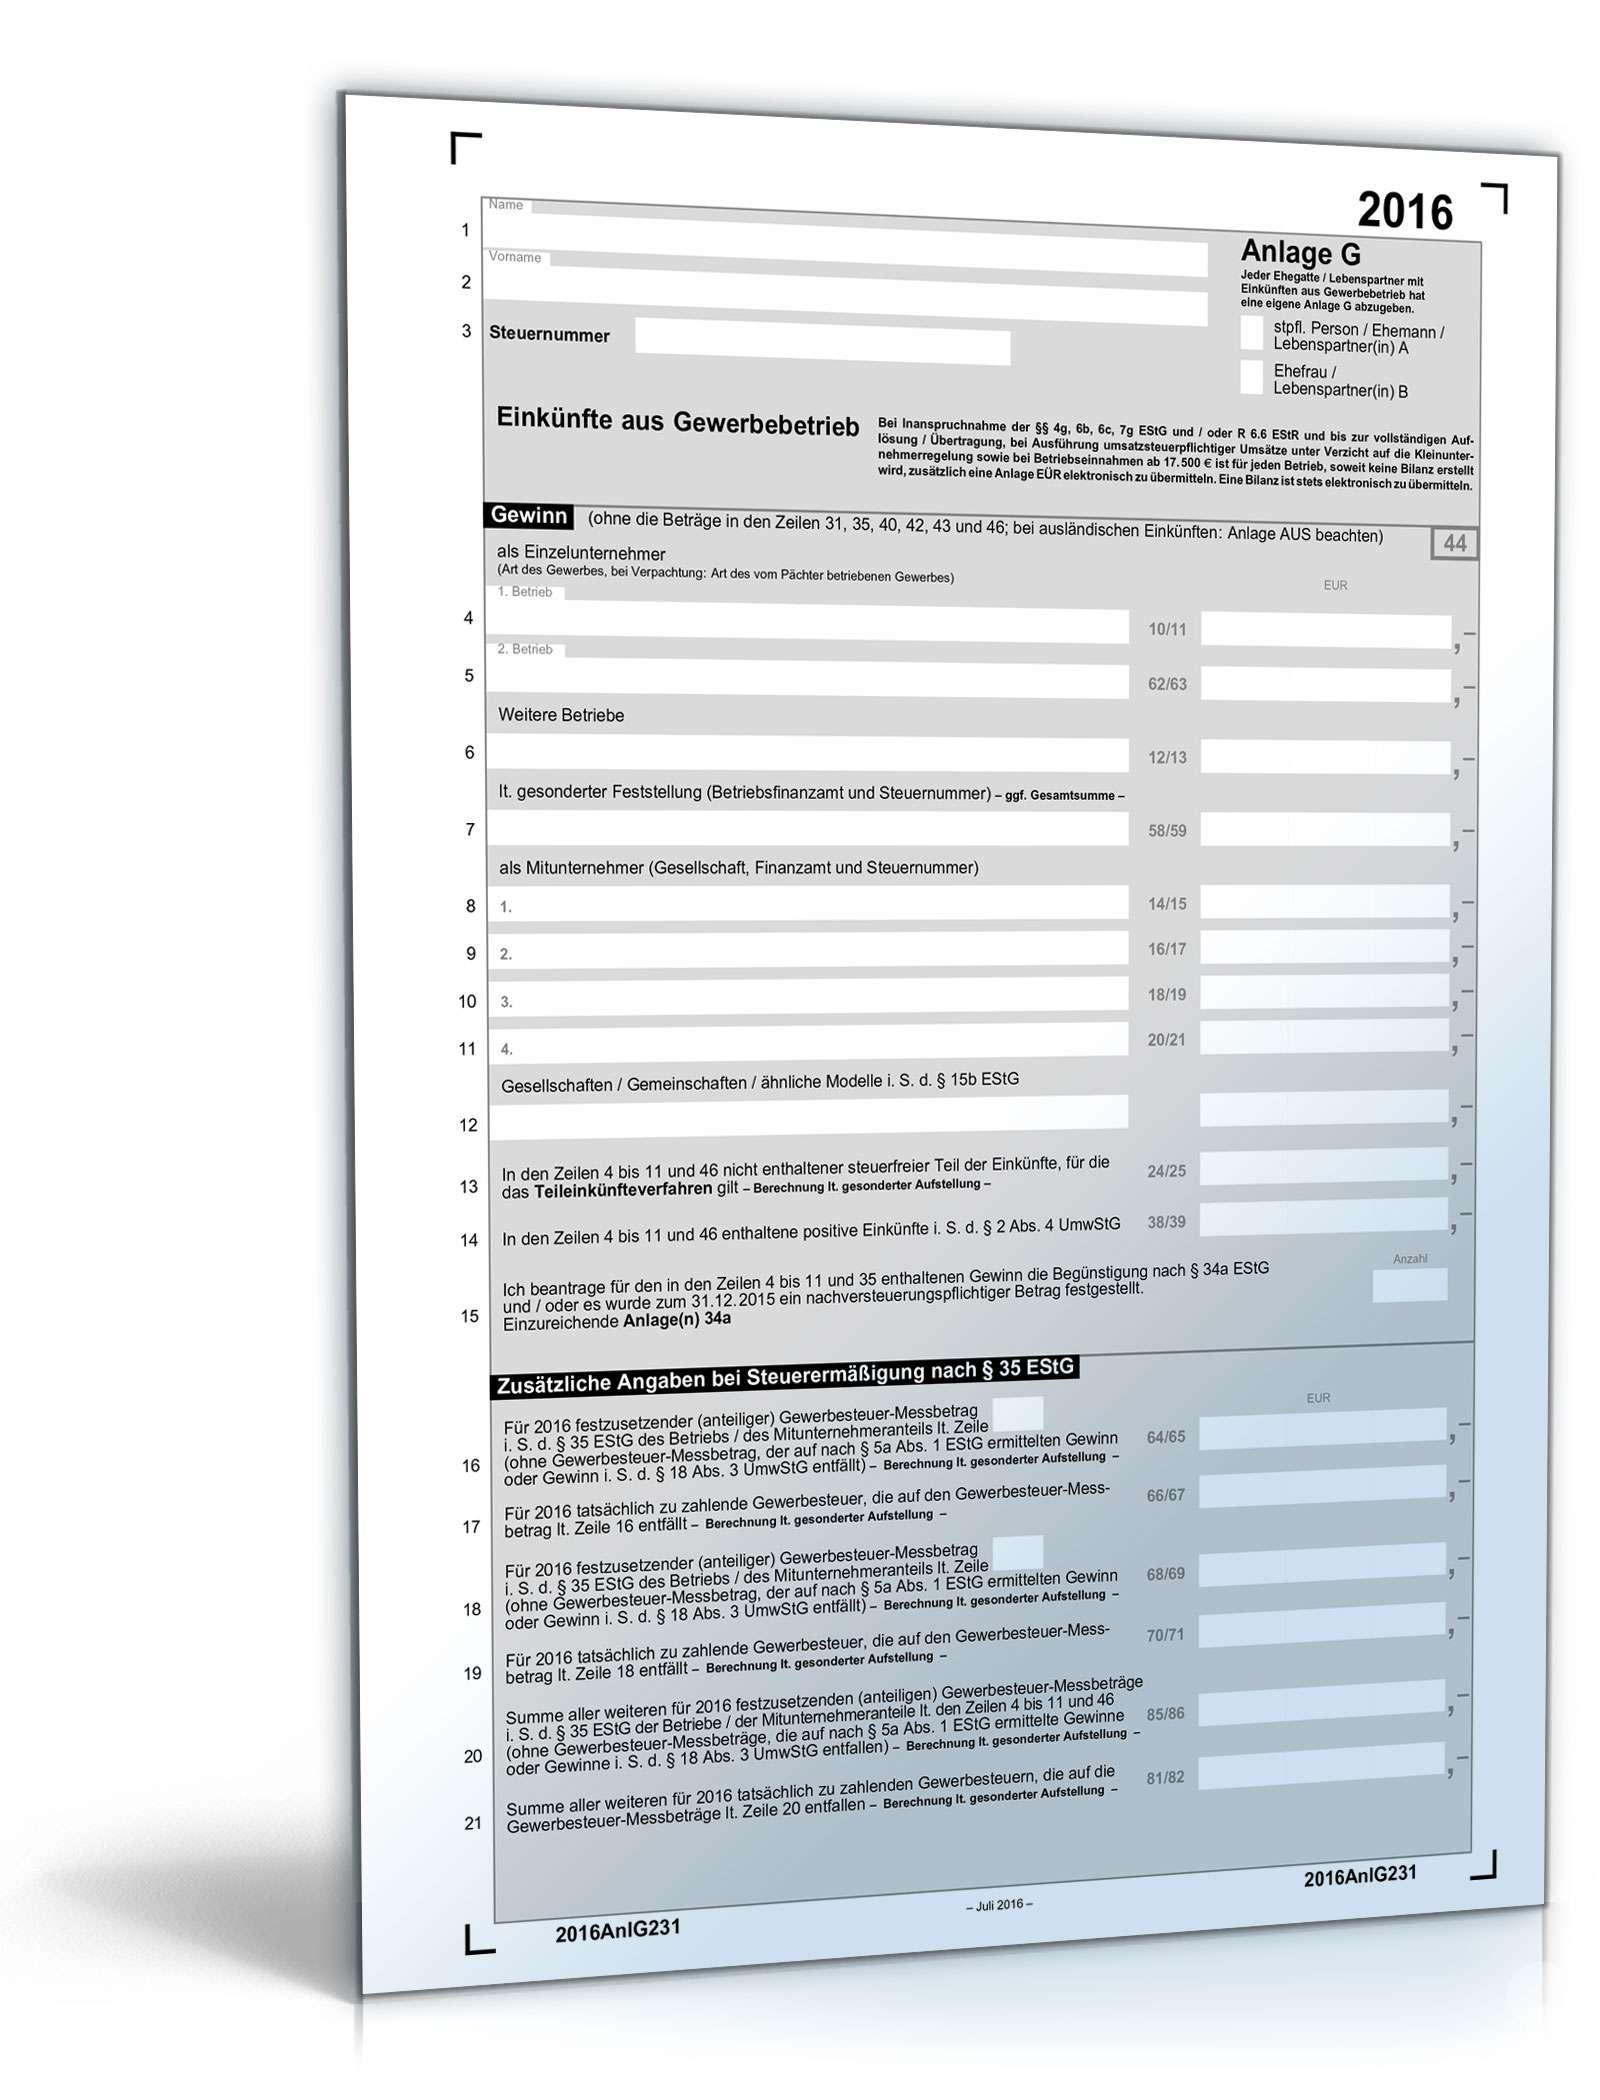 Anlage G 2016 | Steuerformular zum Download